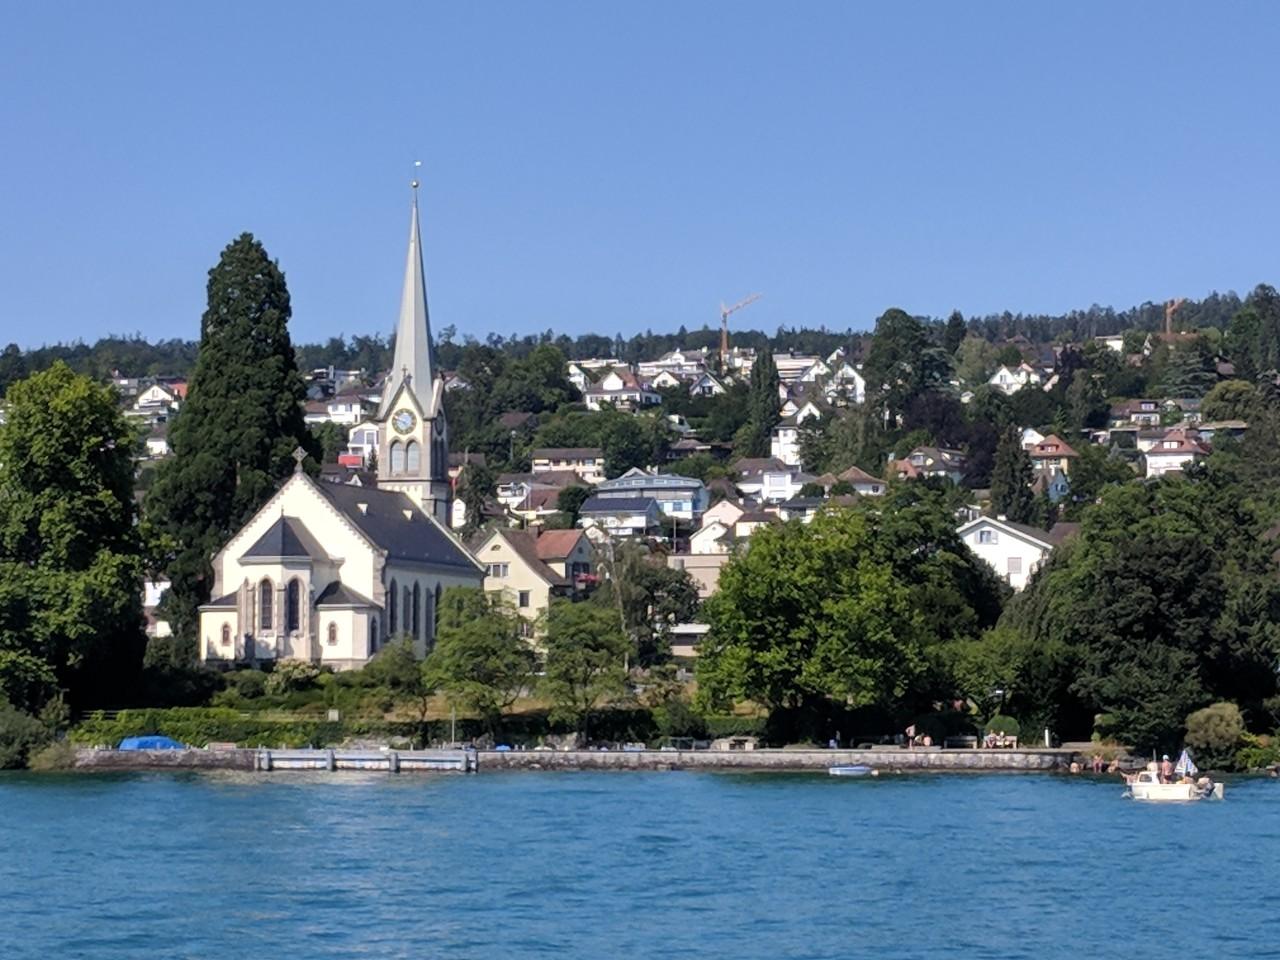 Day 35-36: Zurich – Messing Around inBoats